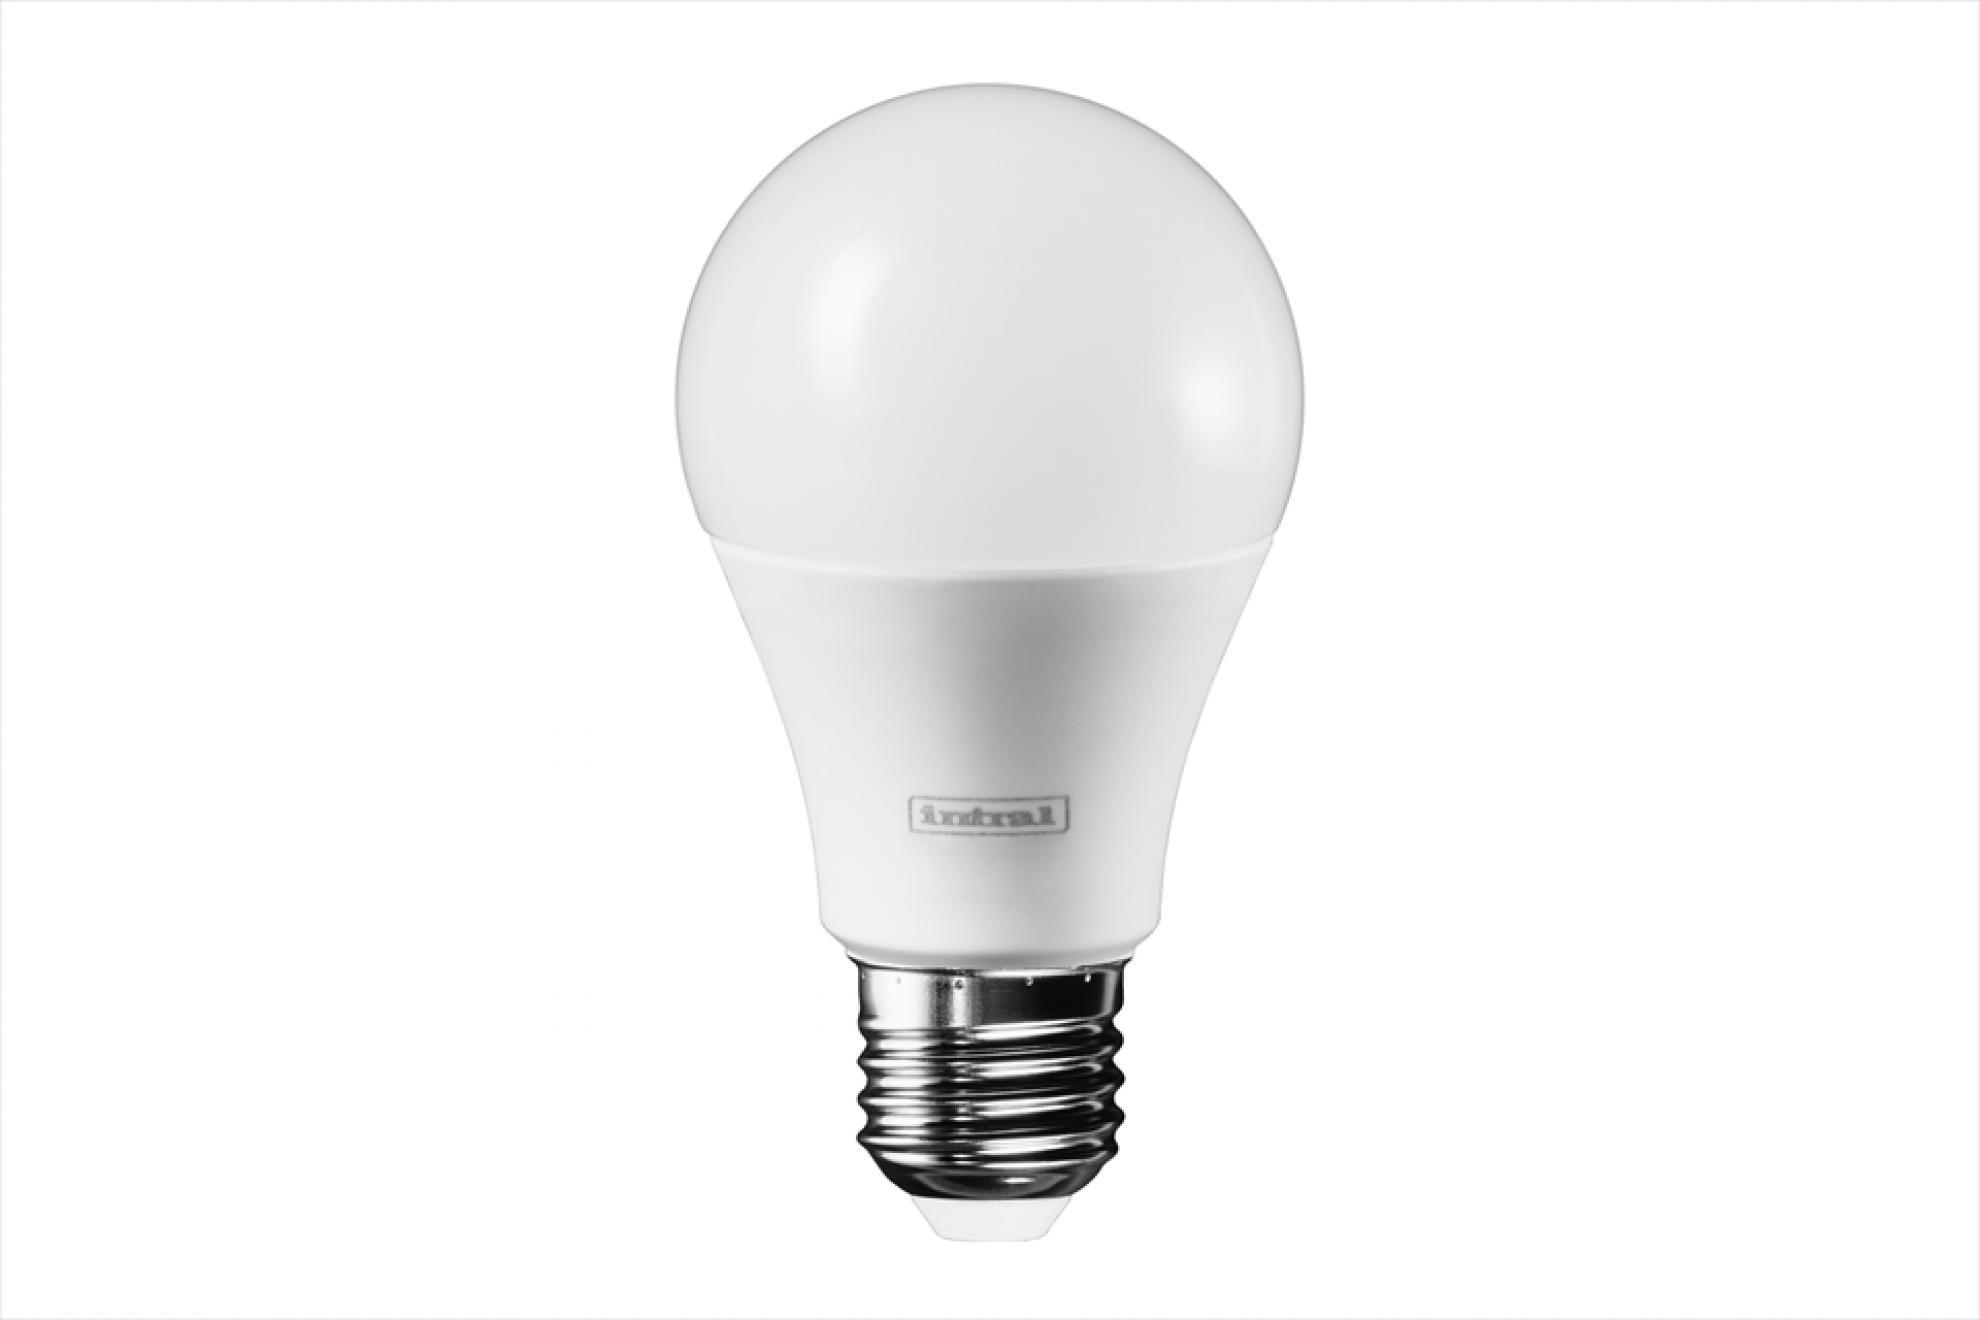 Lampada Led Bulbo 06w 2700k Biv A55